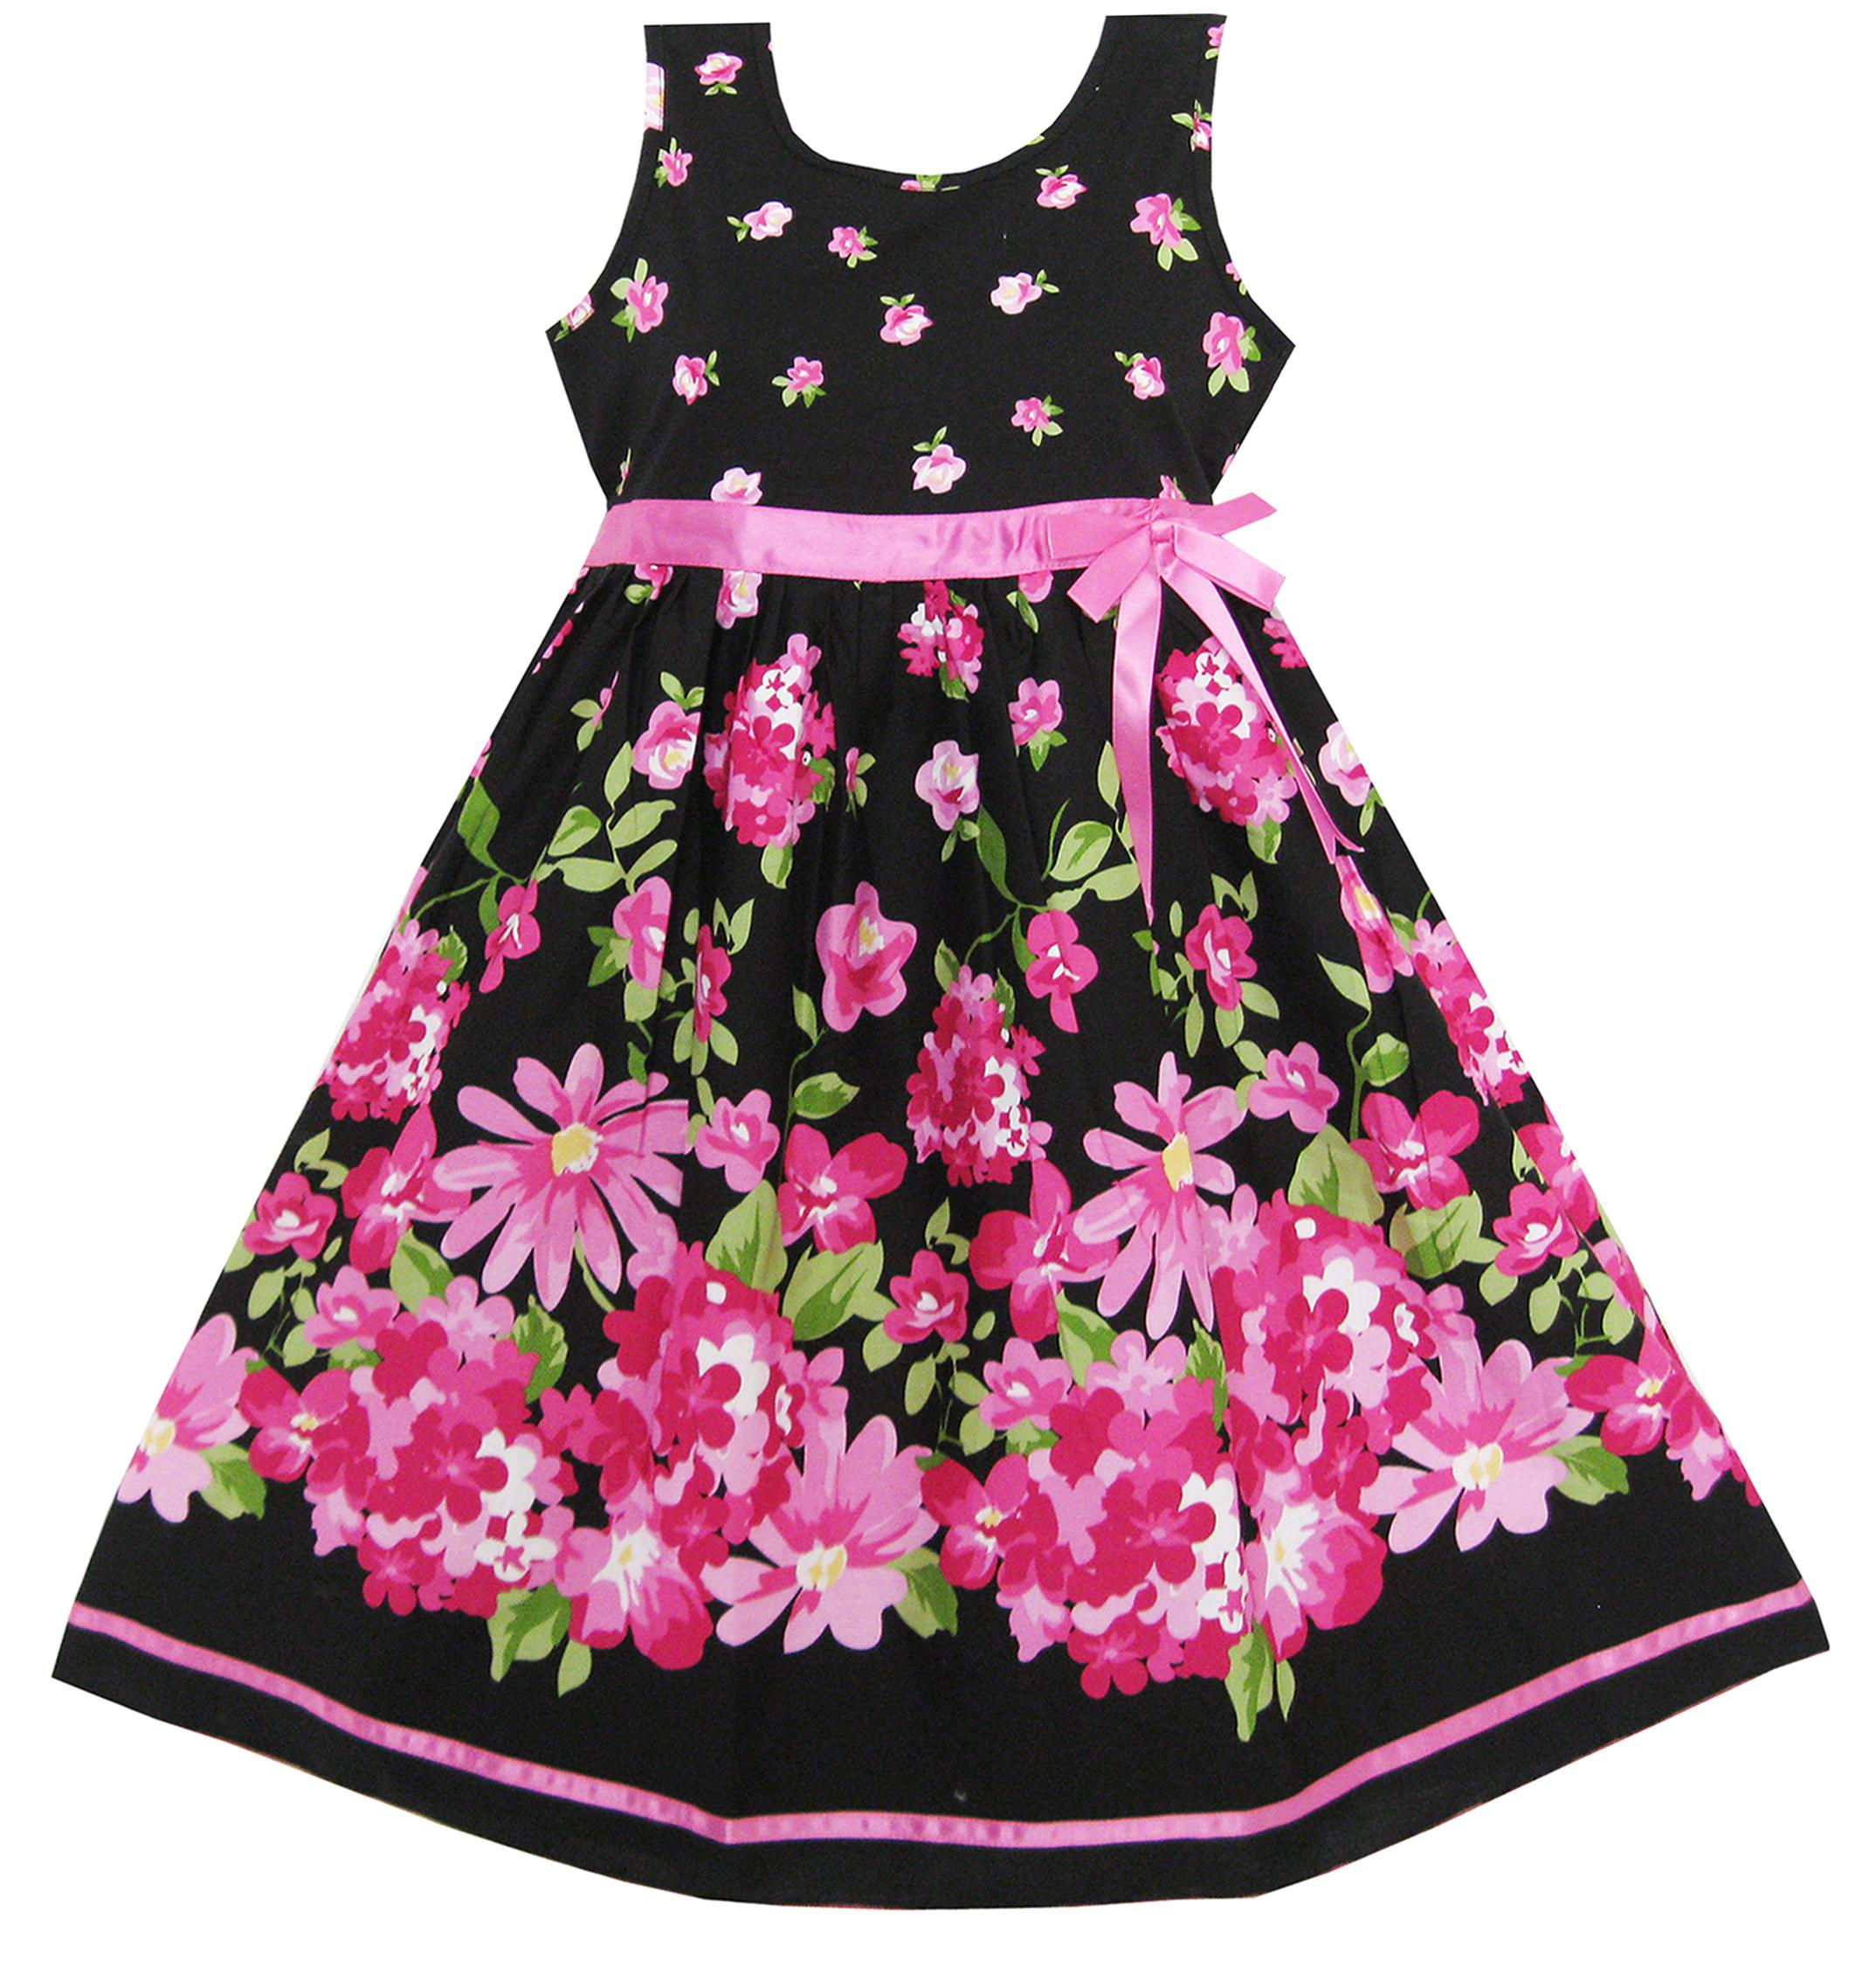 Girls Dress Hot Pink Flower Belt Party Christmas Gift Kids 4 5